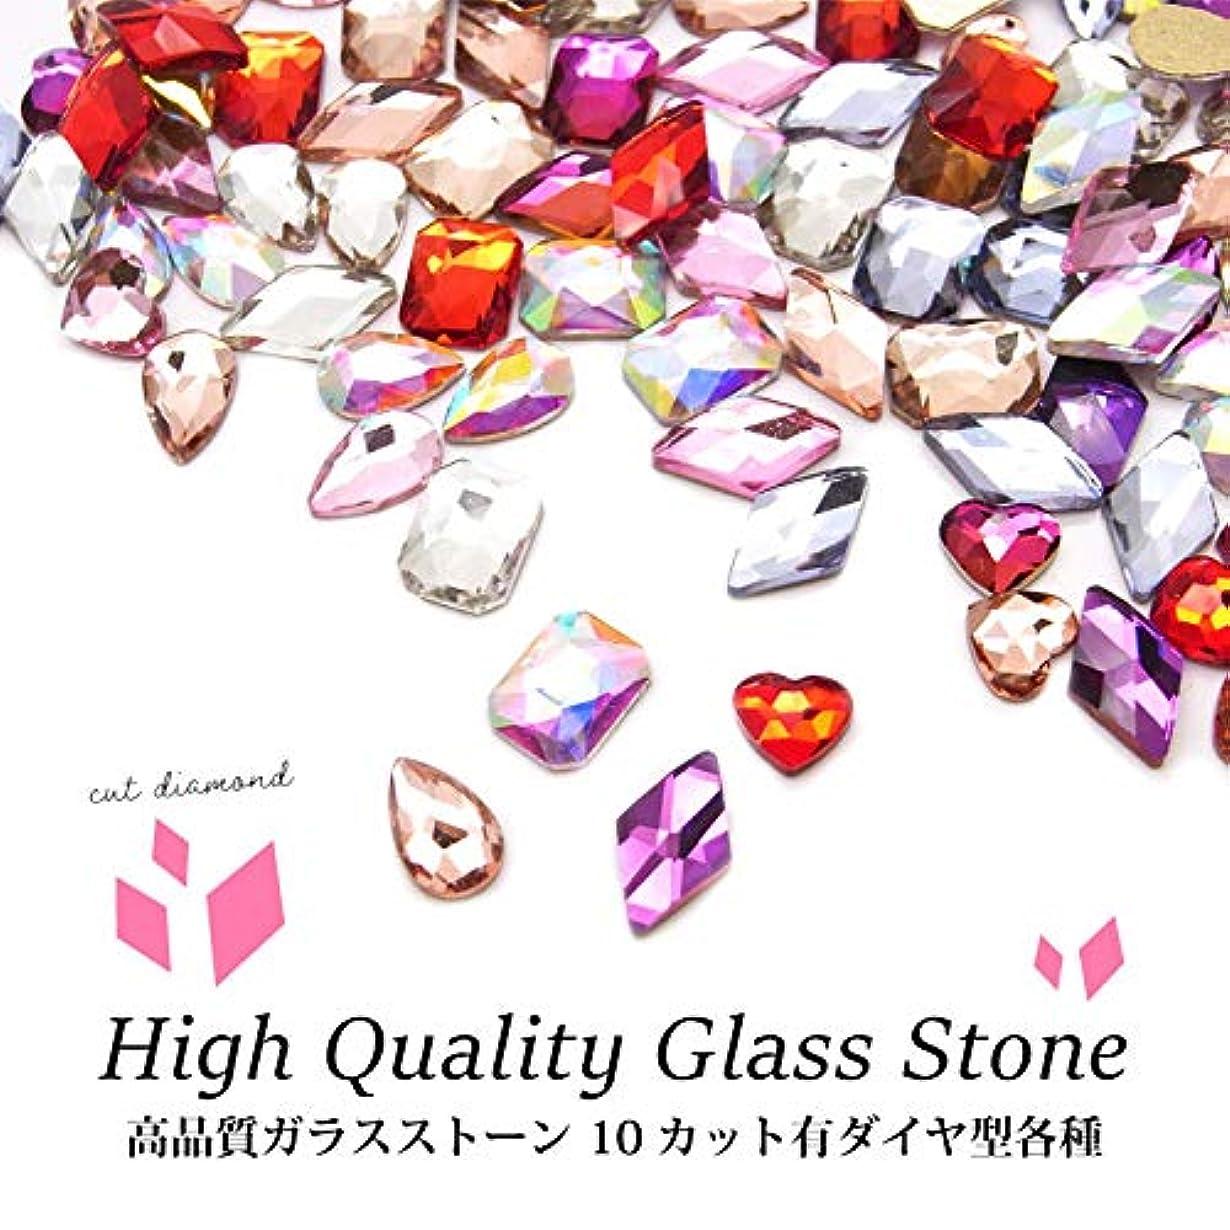 自分のために引き渡す叱る高品質ガラスストーン 10 カット有ダイヤ型 各種 5個入り (2.クリスタルAB)